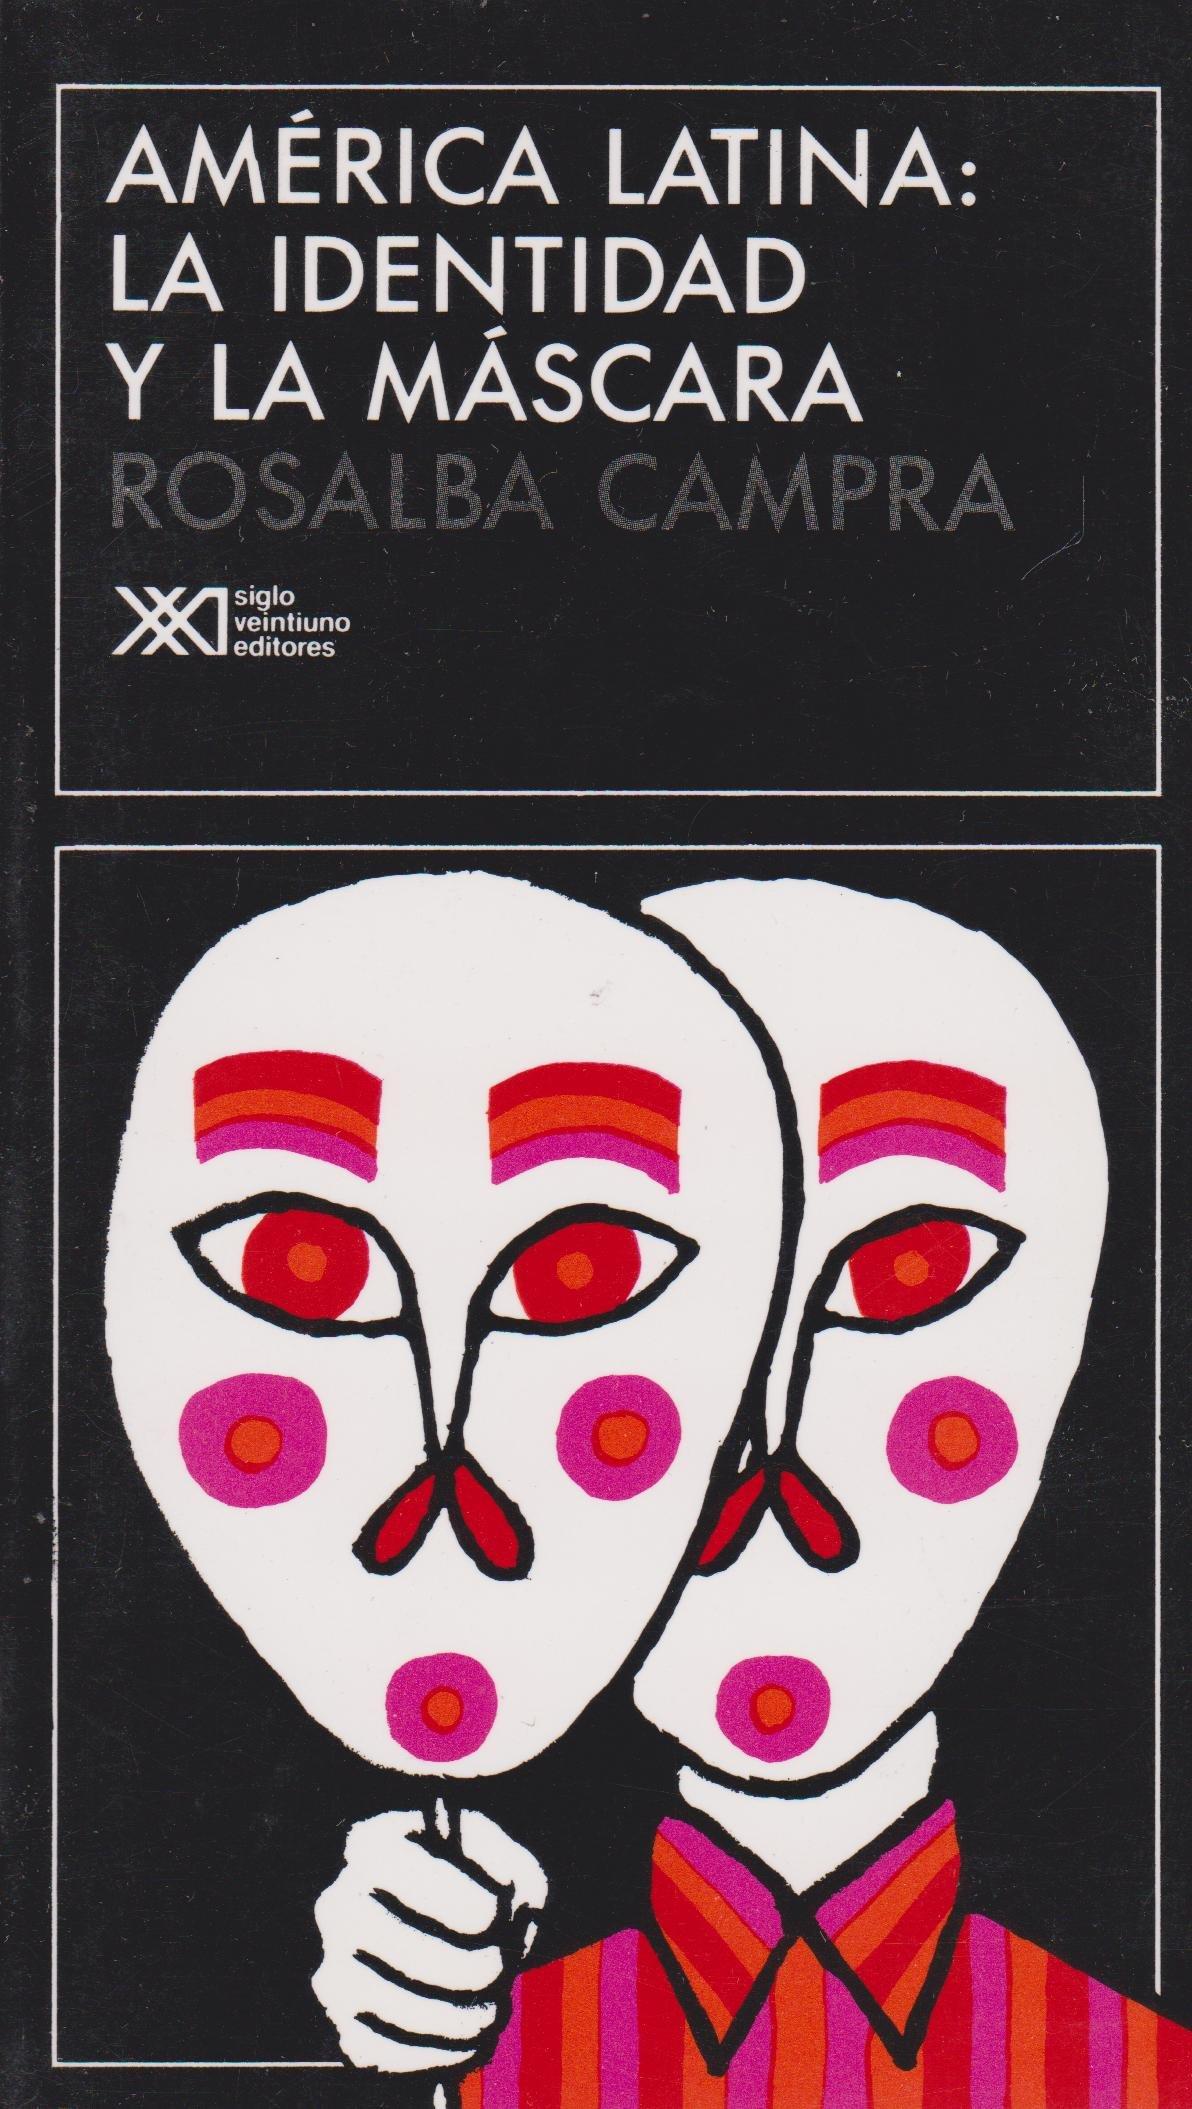 America Latina: la identidad y la mascara. (Con entrevistas a Borges, Bosch, Carpentier, Cortazar, Galeano, Sabato, Scorza, Vinas y Walsh) (Lingüística y ...